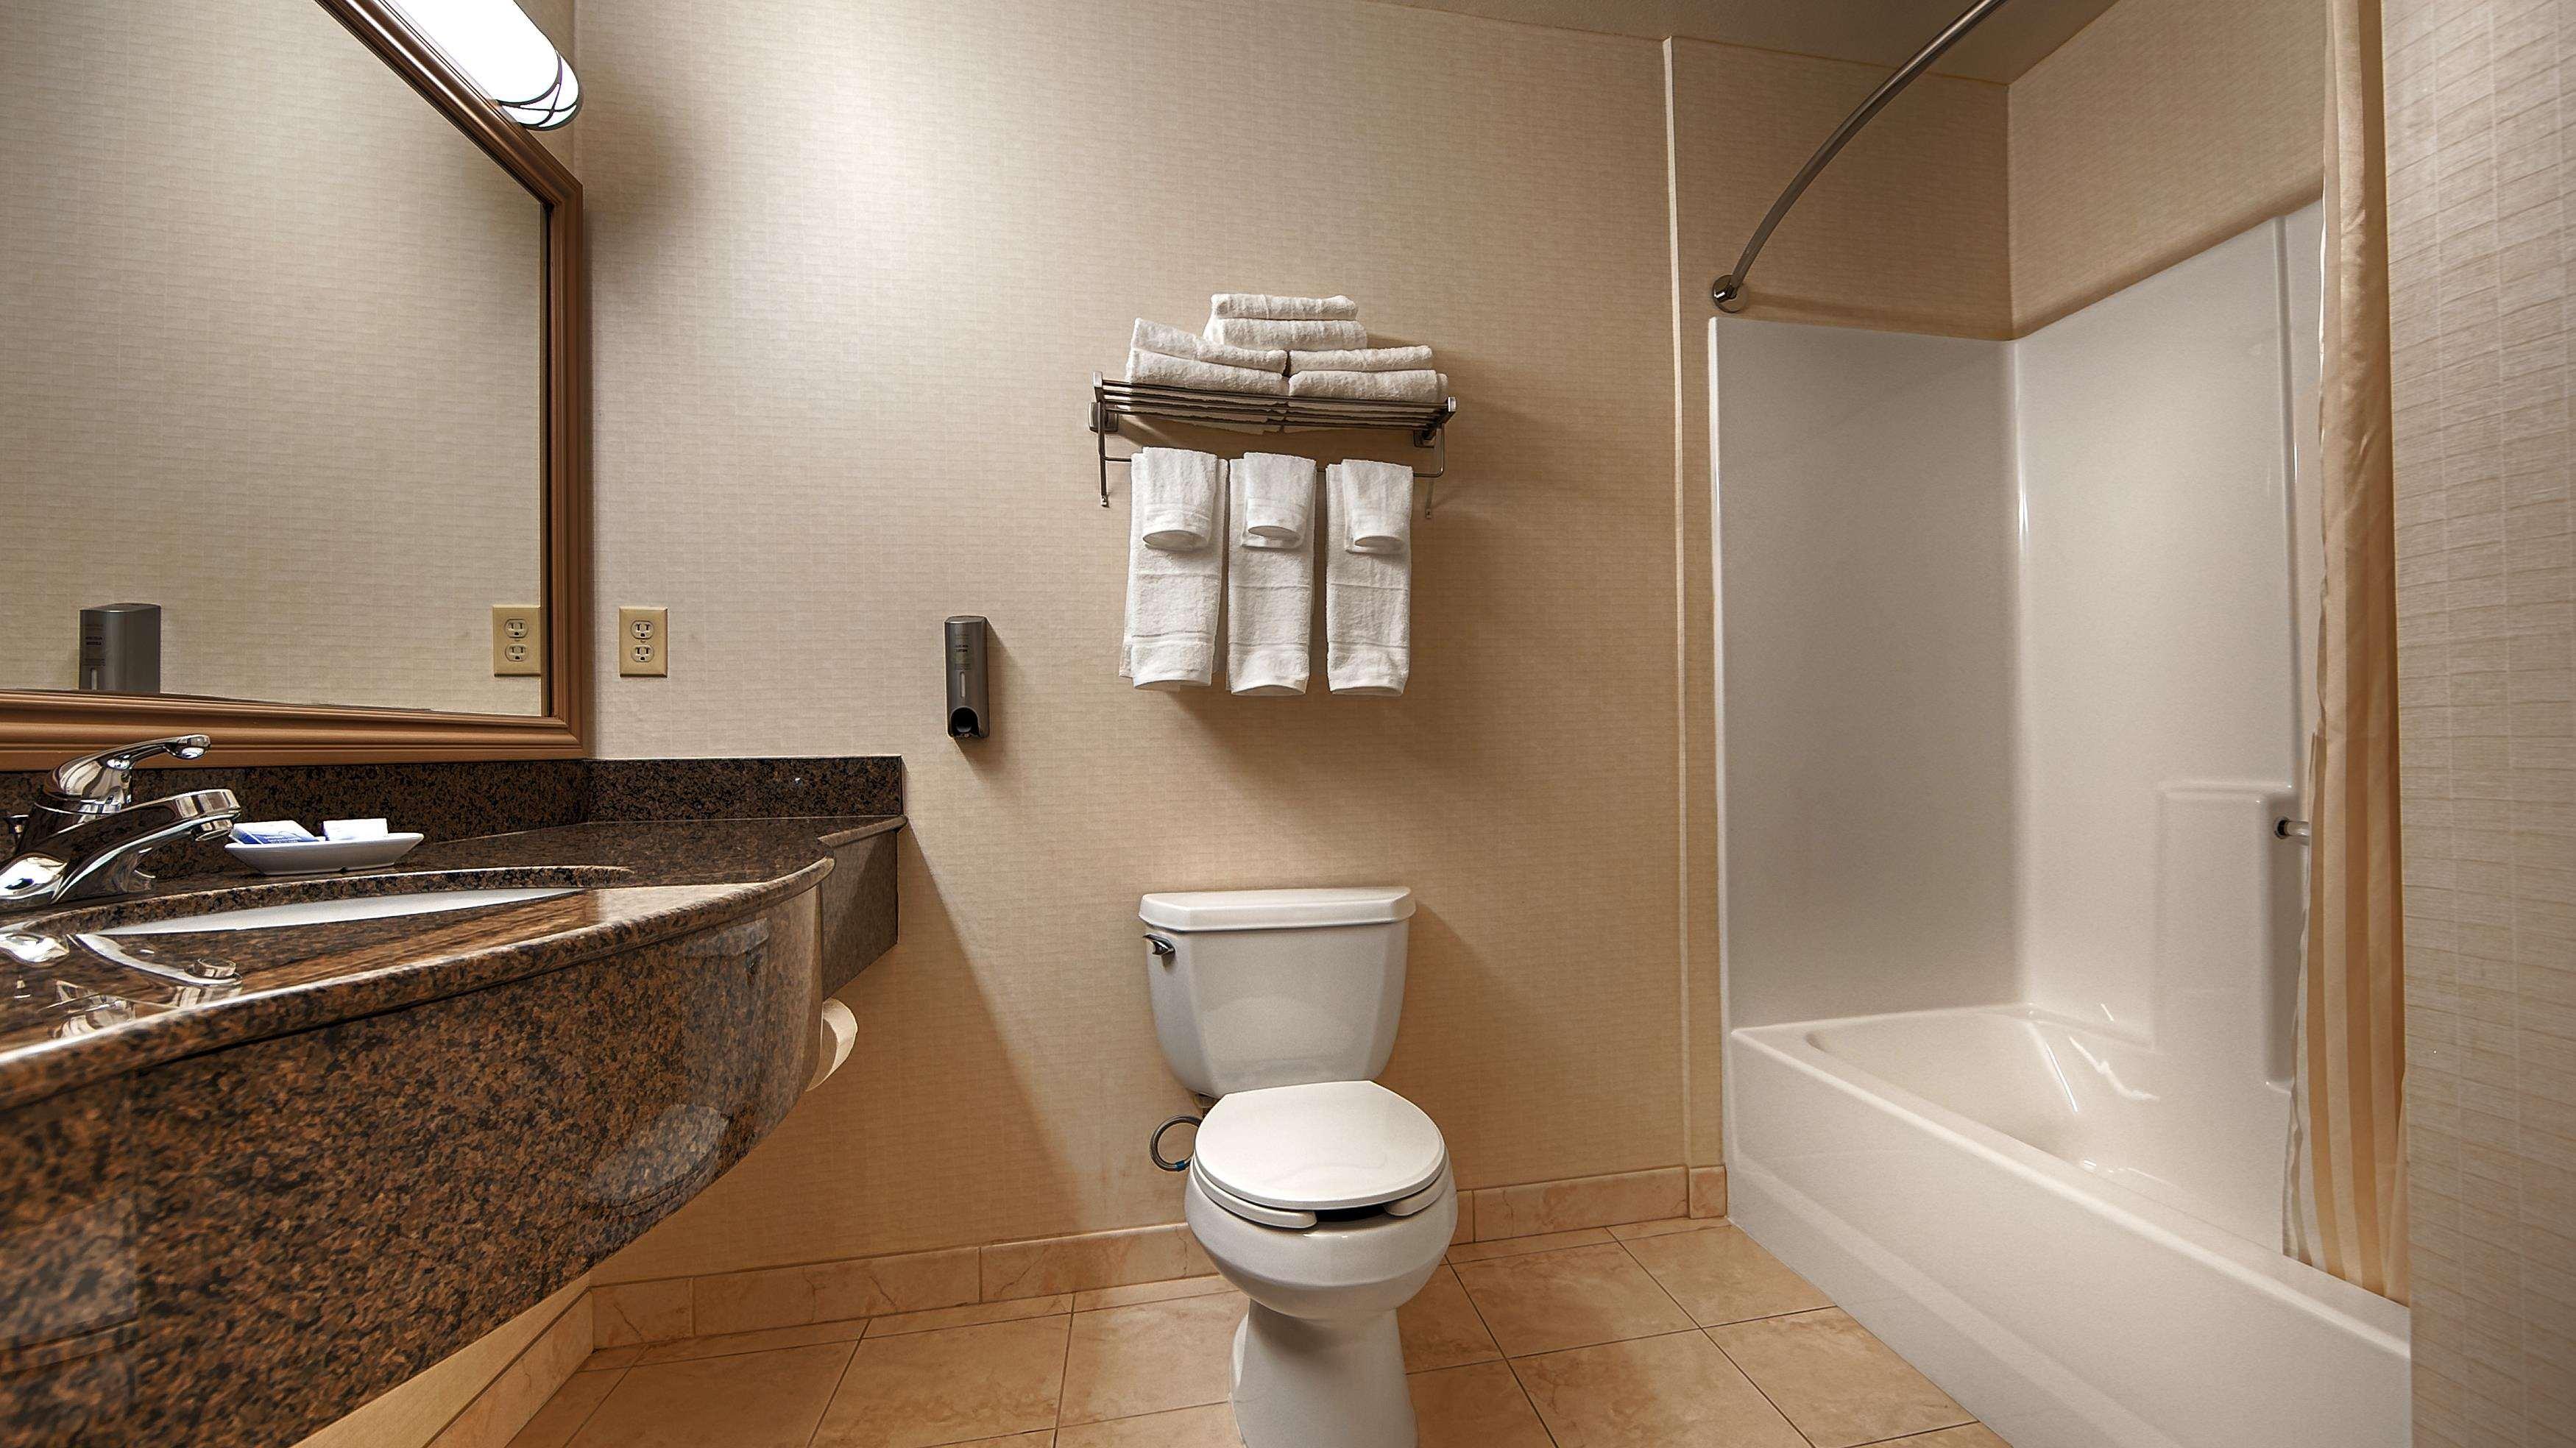 Best Western Plus Lake Elsinore Inn & Suites image 13